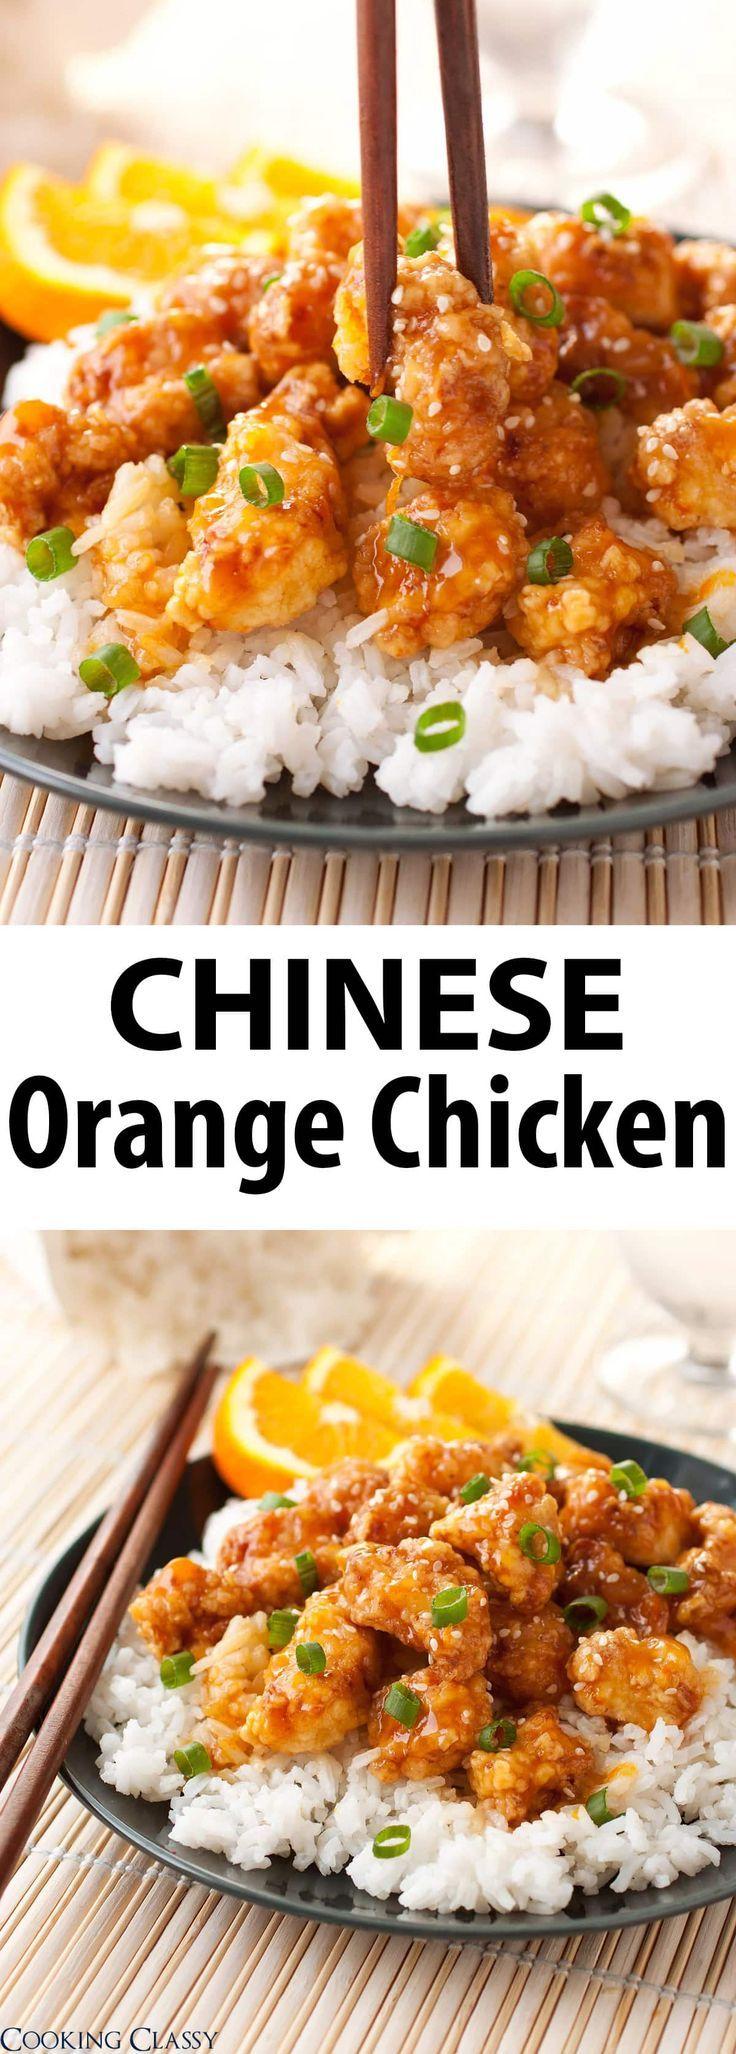 MEILLEUR JAMAIS Poulet à l'orange - bien meilleur que P.F. Chang & # 39; s et autres chinois ... - # as #other #better # chang39s #chicken